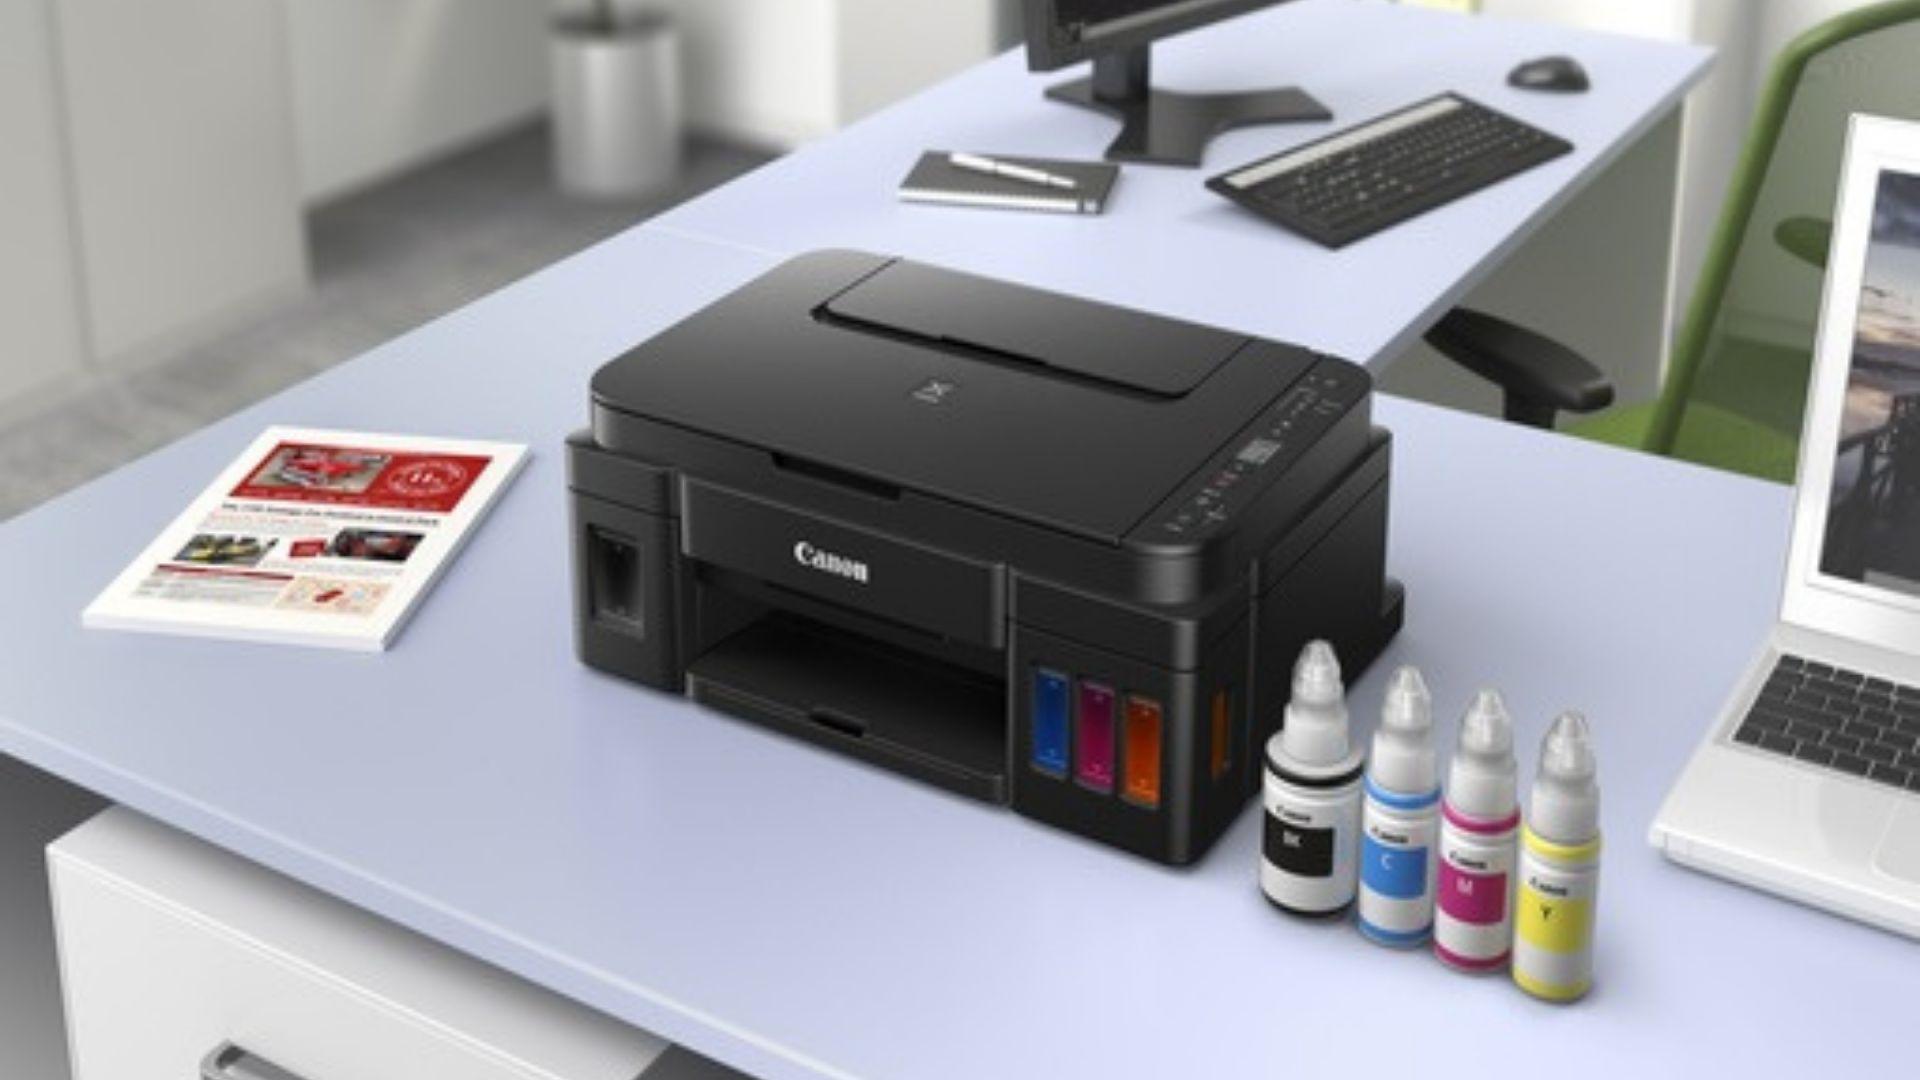 A Canon G3111 é abastecida com garrafas de tinta, o que torna o modelo mais econômico tanto no consumo quanto nas recargas.